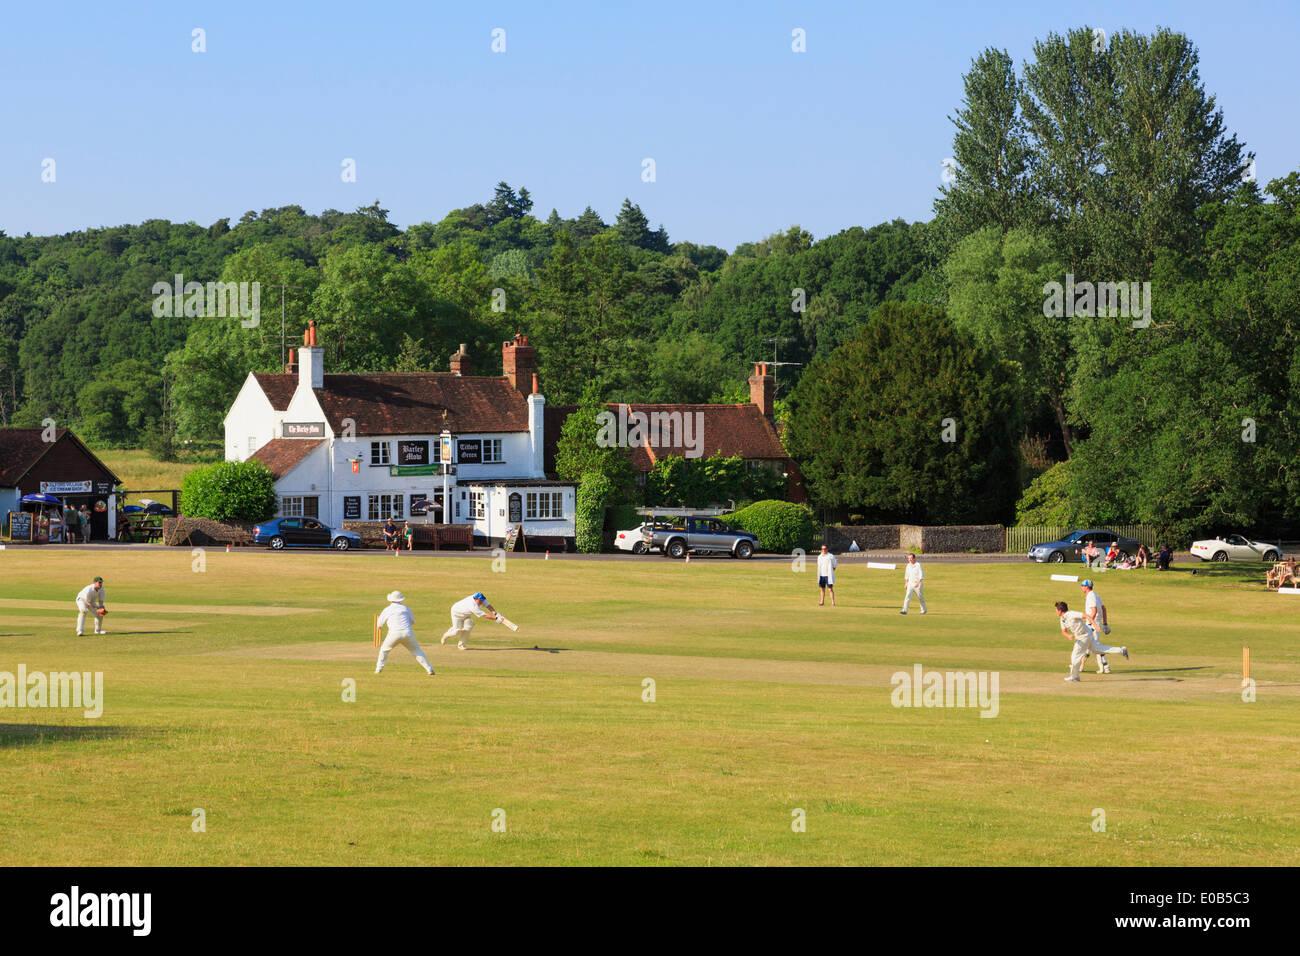 Les équipes locales de jouer un match de cricket sur la place du village en face de Barley Mow pub sur une soirée d'été. Tilford Surrey England UK Photo Stock